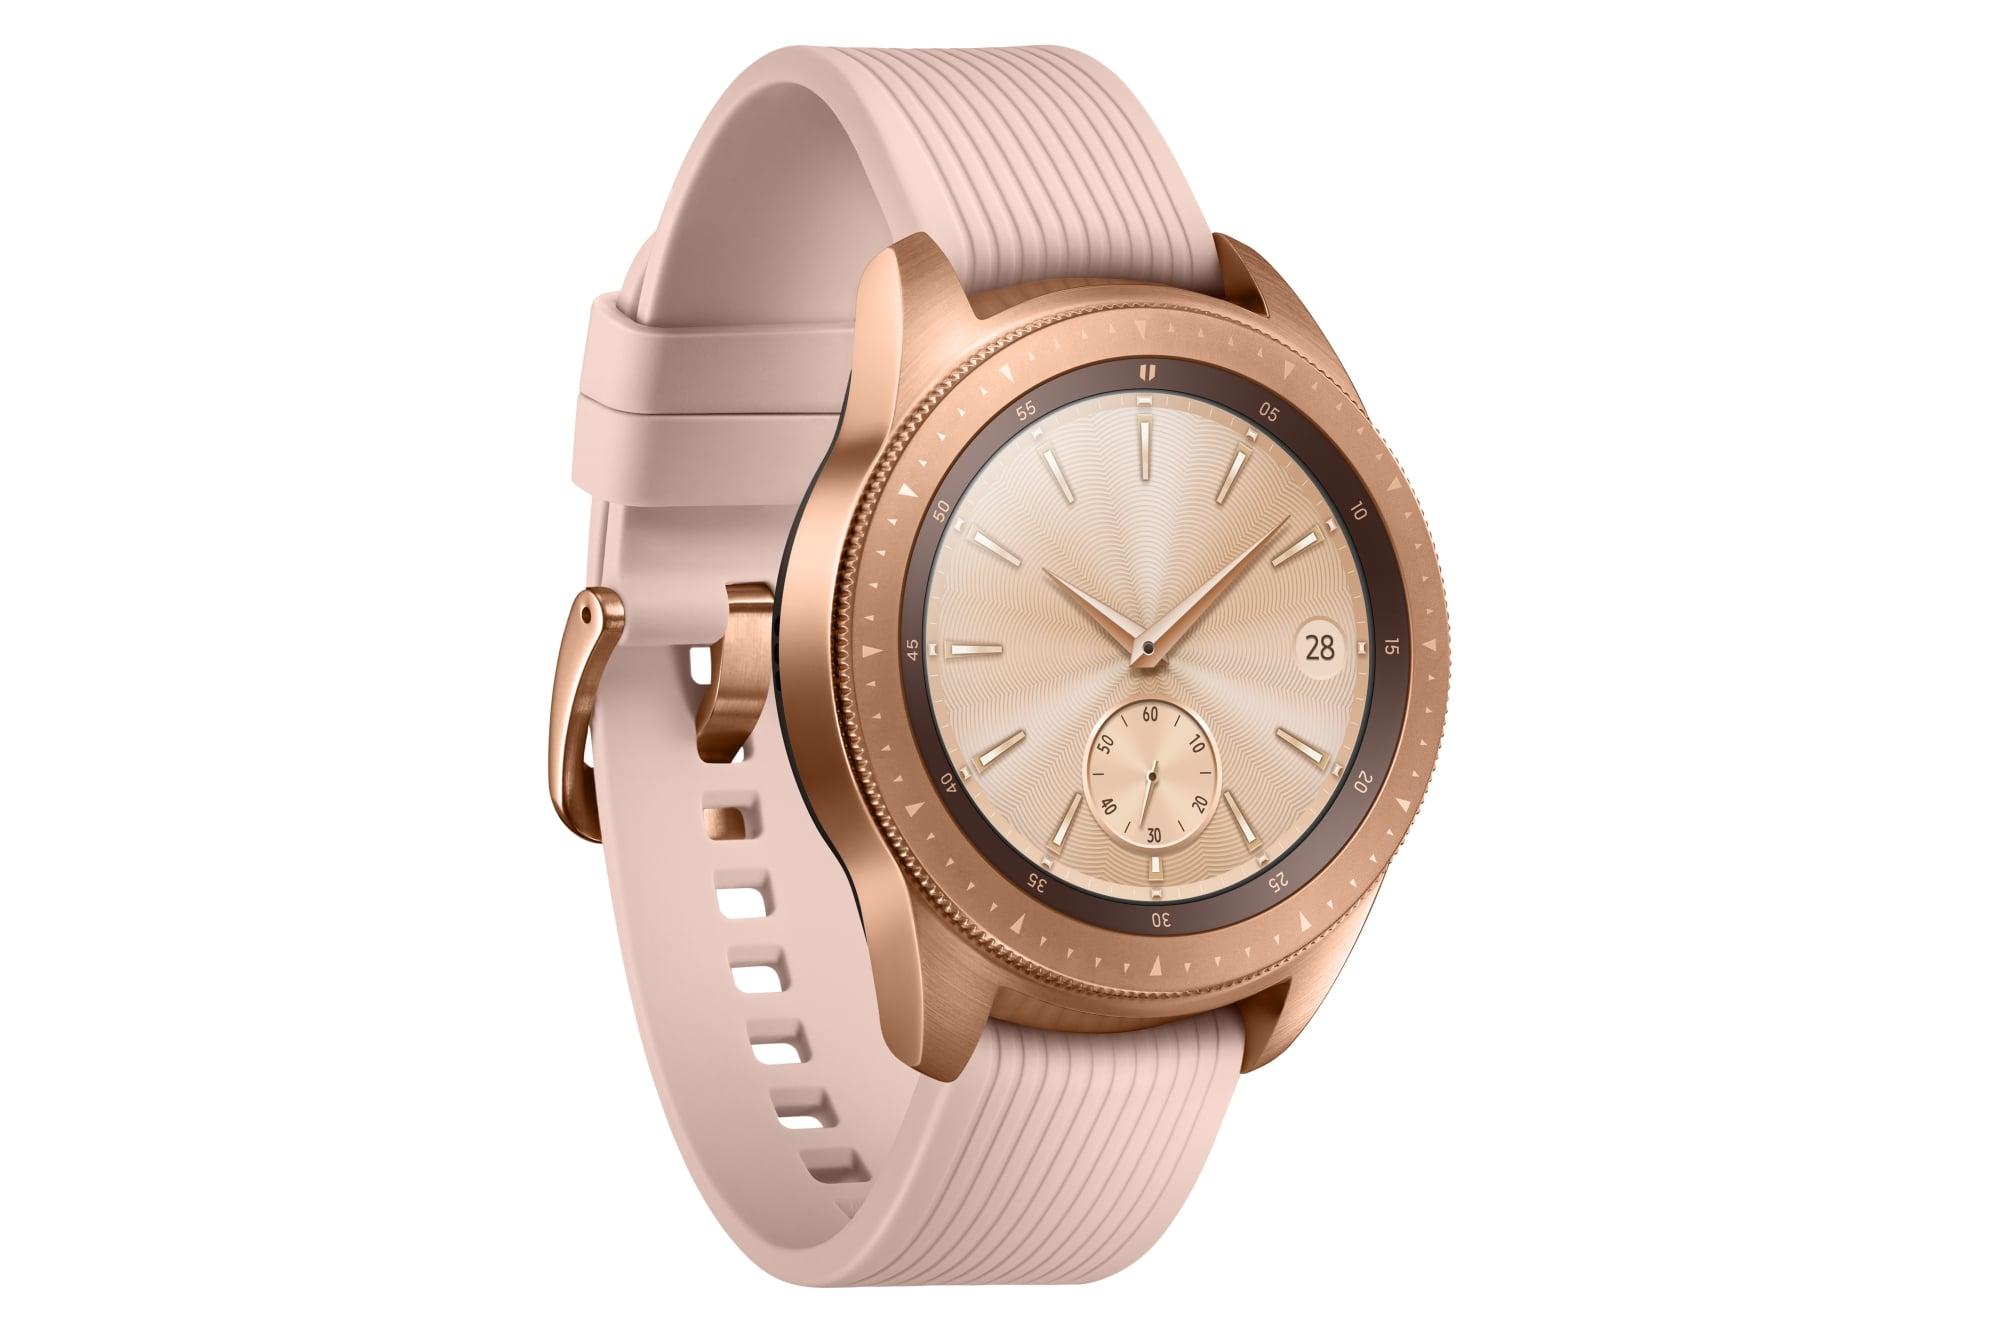 Tabletowo.pl Samsung Galaxy Watch to potrójne monitorowanie: stresu, snu i aktywności fizycznej Nowości Samsung Tizen Wearable